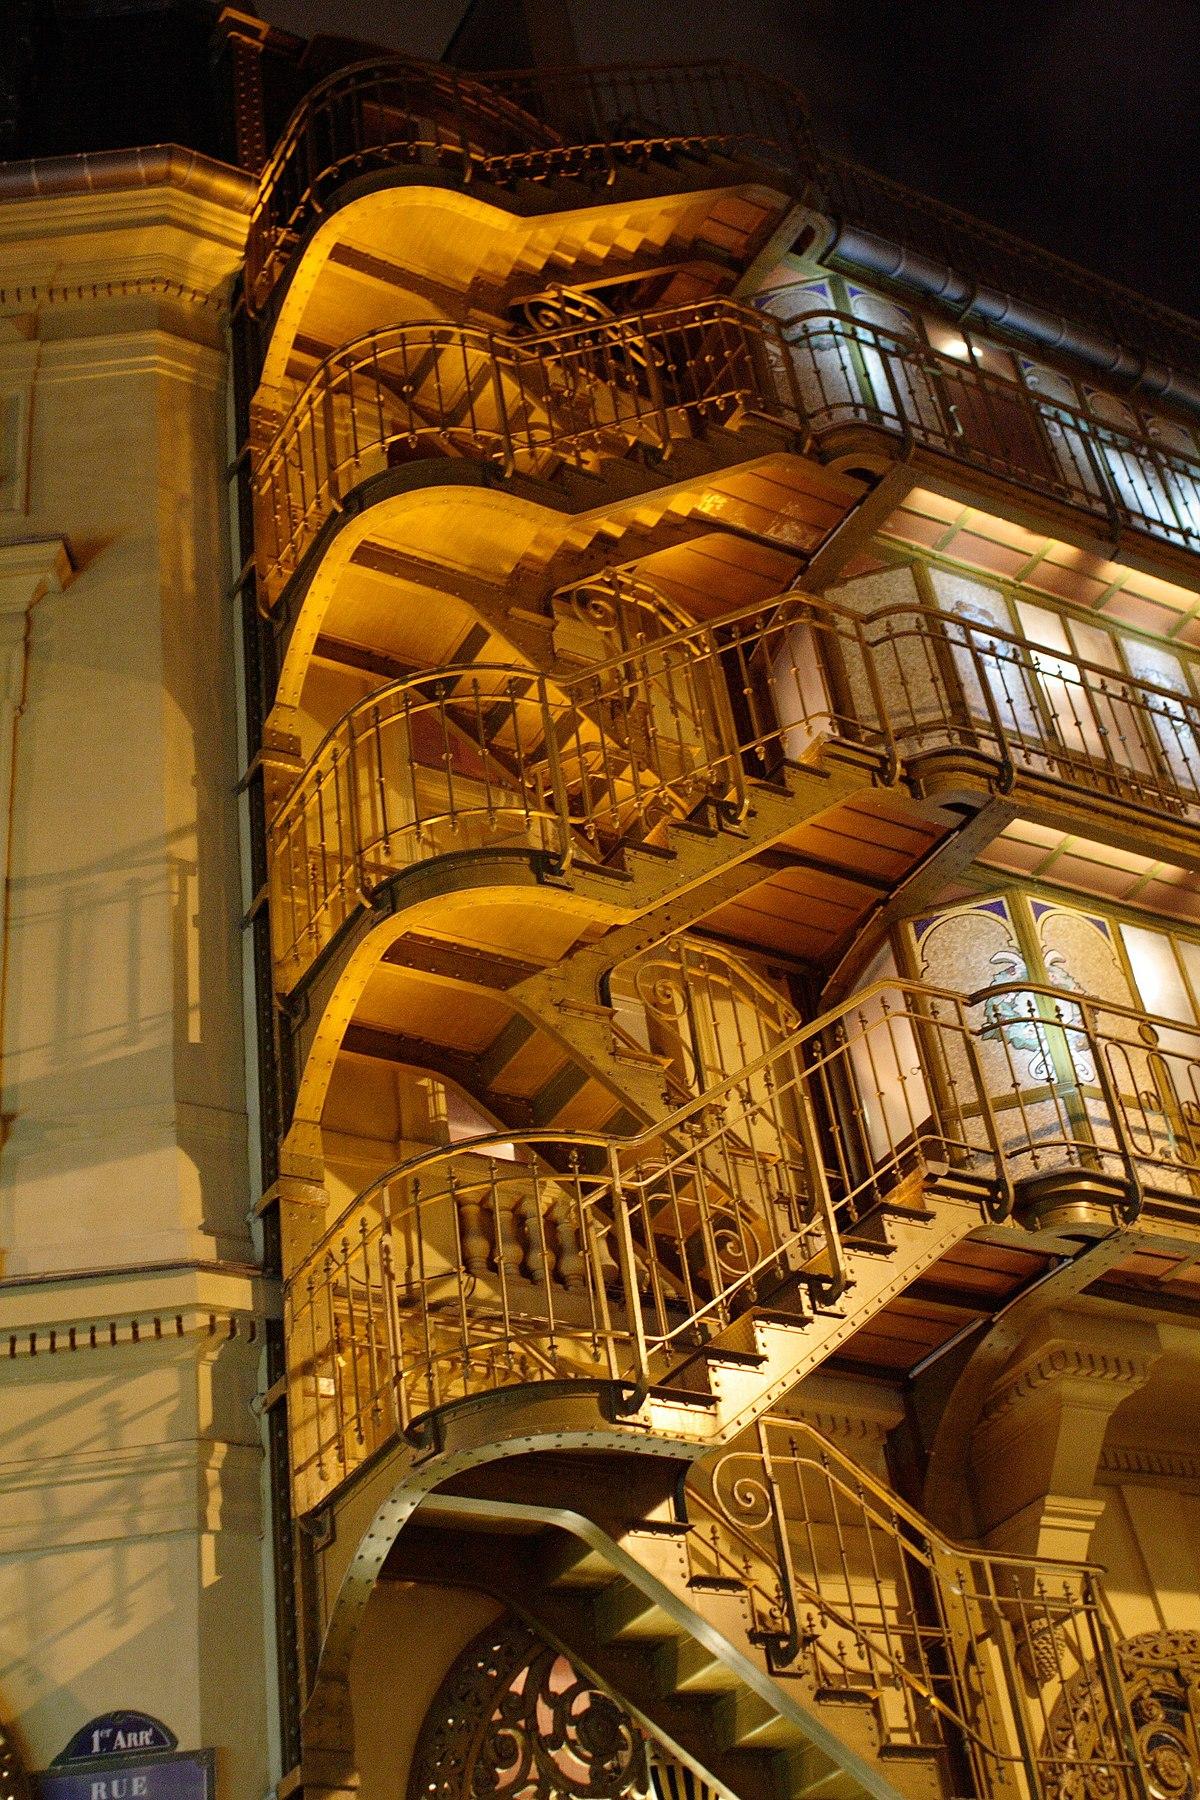 Rampe D Escalier Traduction Anglais escalier — wiktionnaire